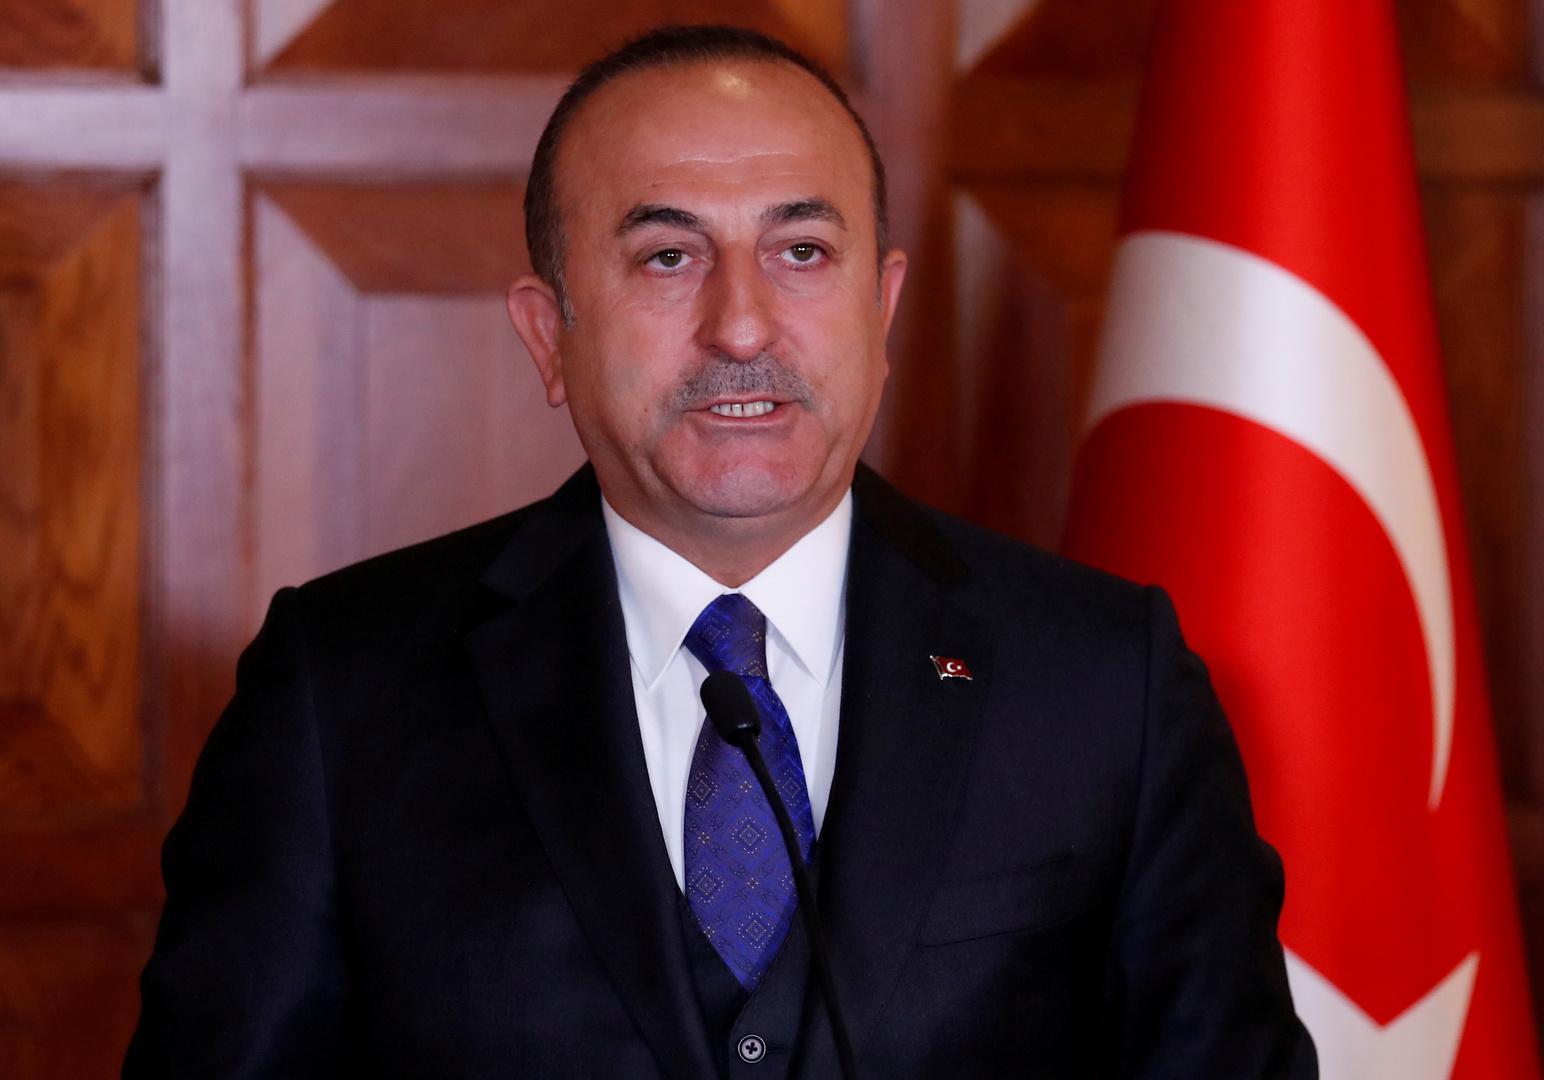 تركيا: يجب دعوة قطر لمؤتمر برلين بشأن ليبيا في حال وجهت دعوة للإمارات